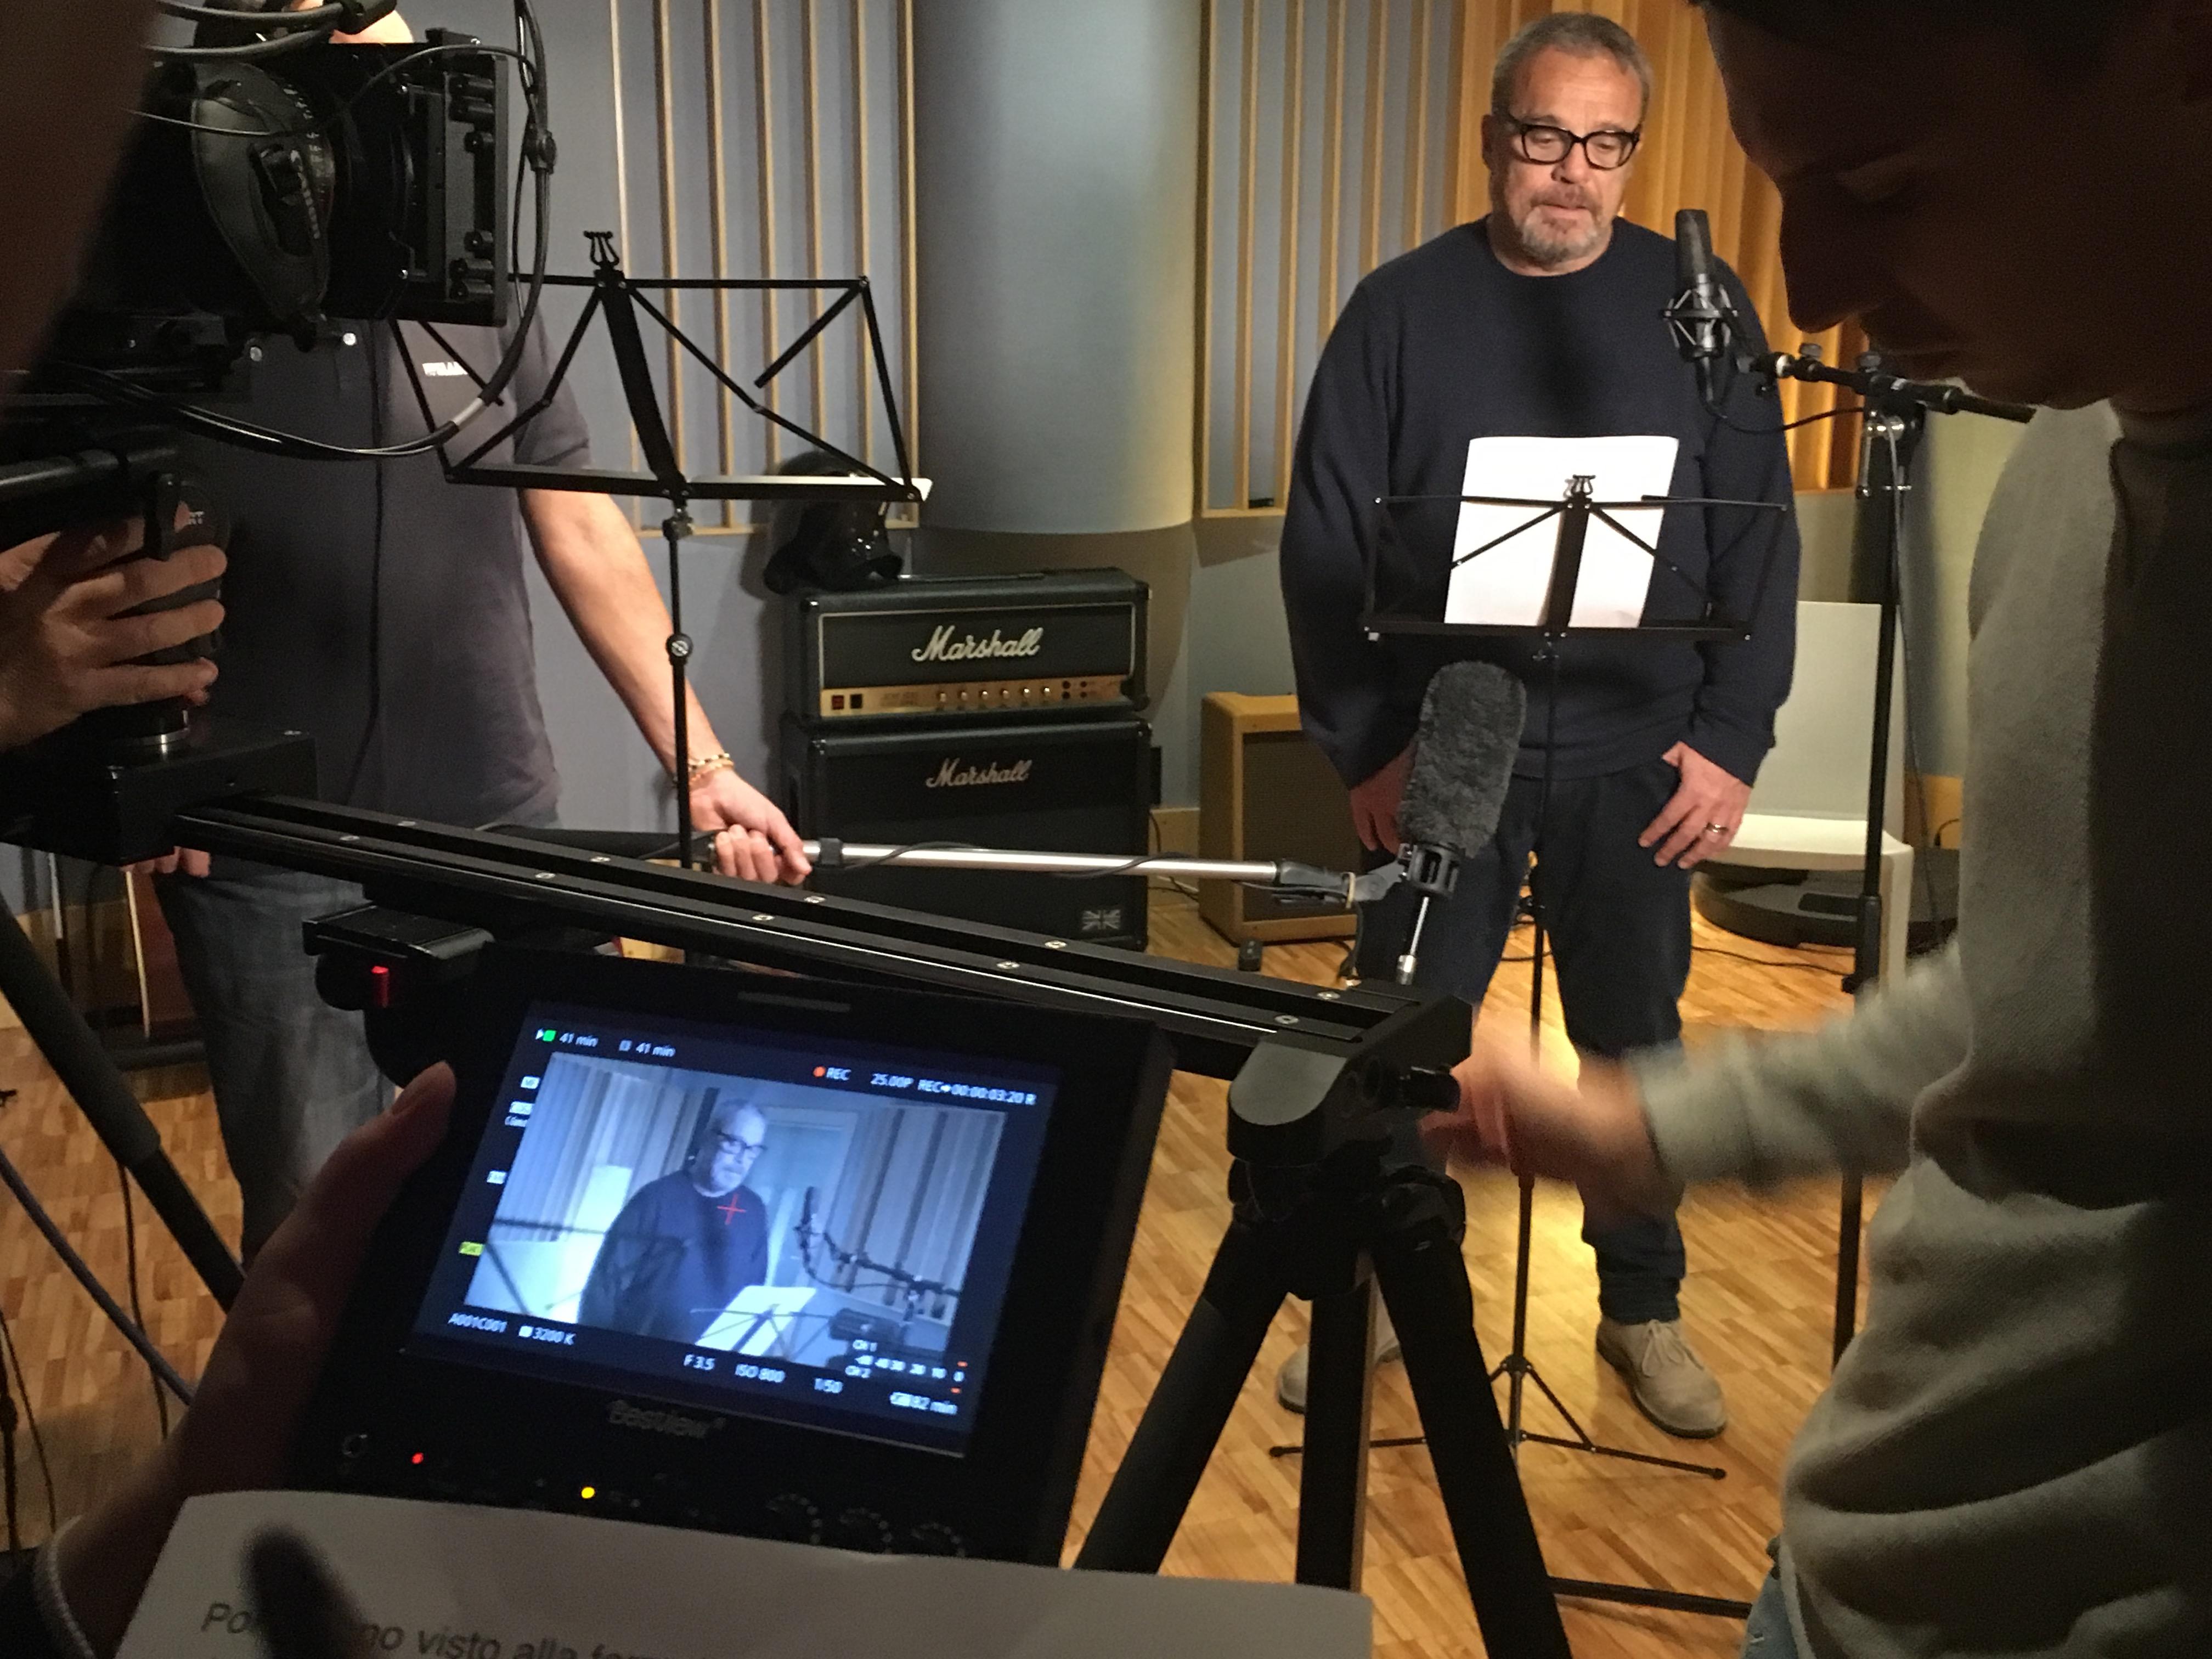 Film documentario su Pino Daniele, domenica la prima al San Carlo | TRAILER